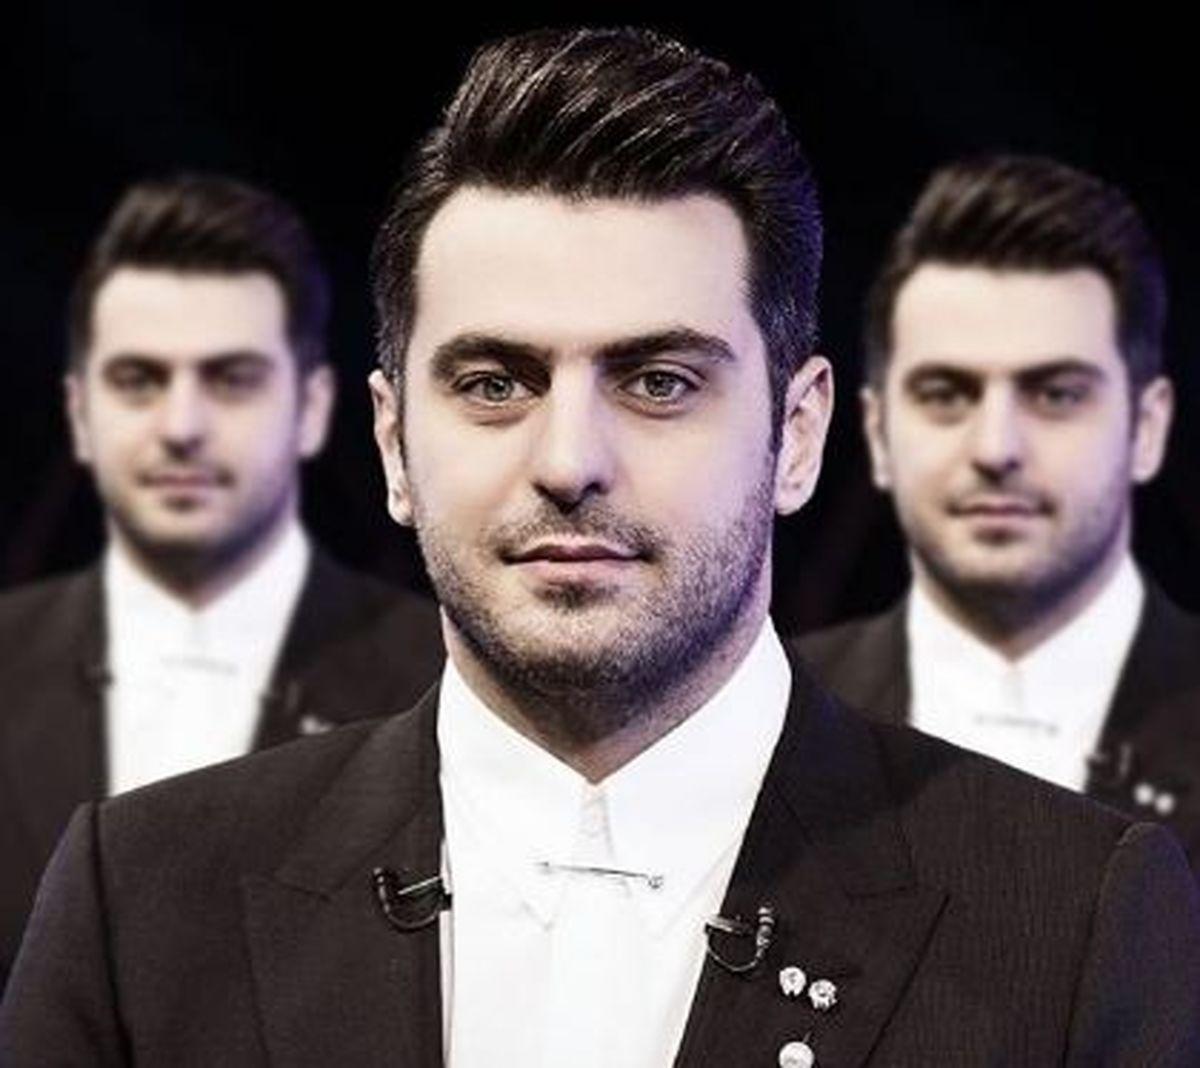 علی ضیا ازدواج کرد؟ + بیوگرافی